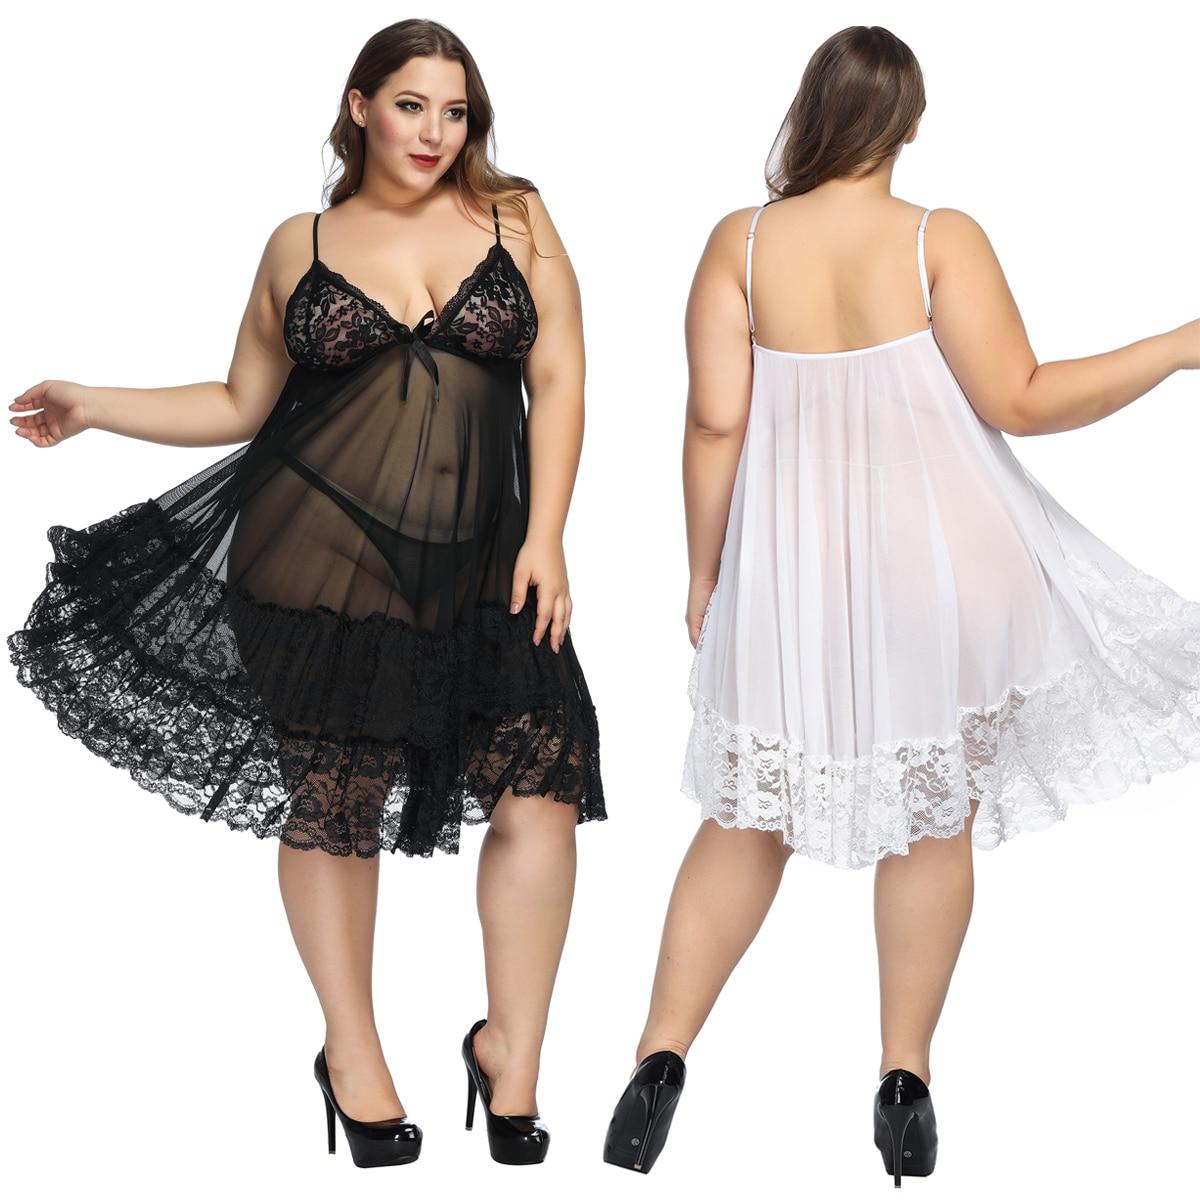 Sexy erótico Lace Hollow-out Night Dress mujeres camisón de lencería Pijama mujeres ropa de dormir a través de la ropa interior negro de talla grande 6XL